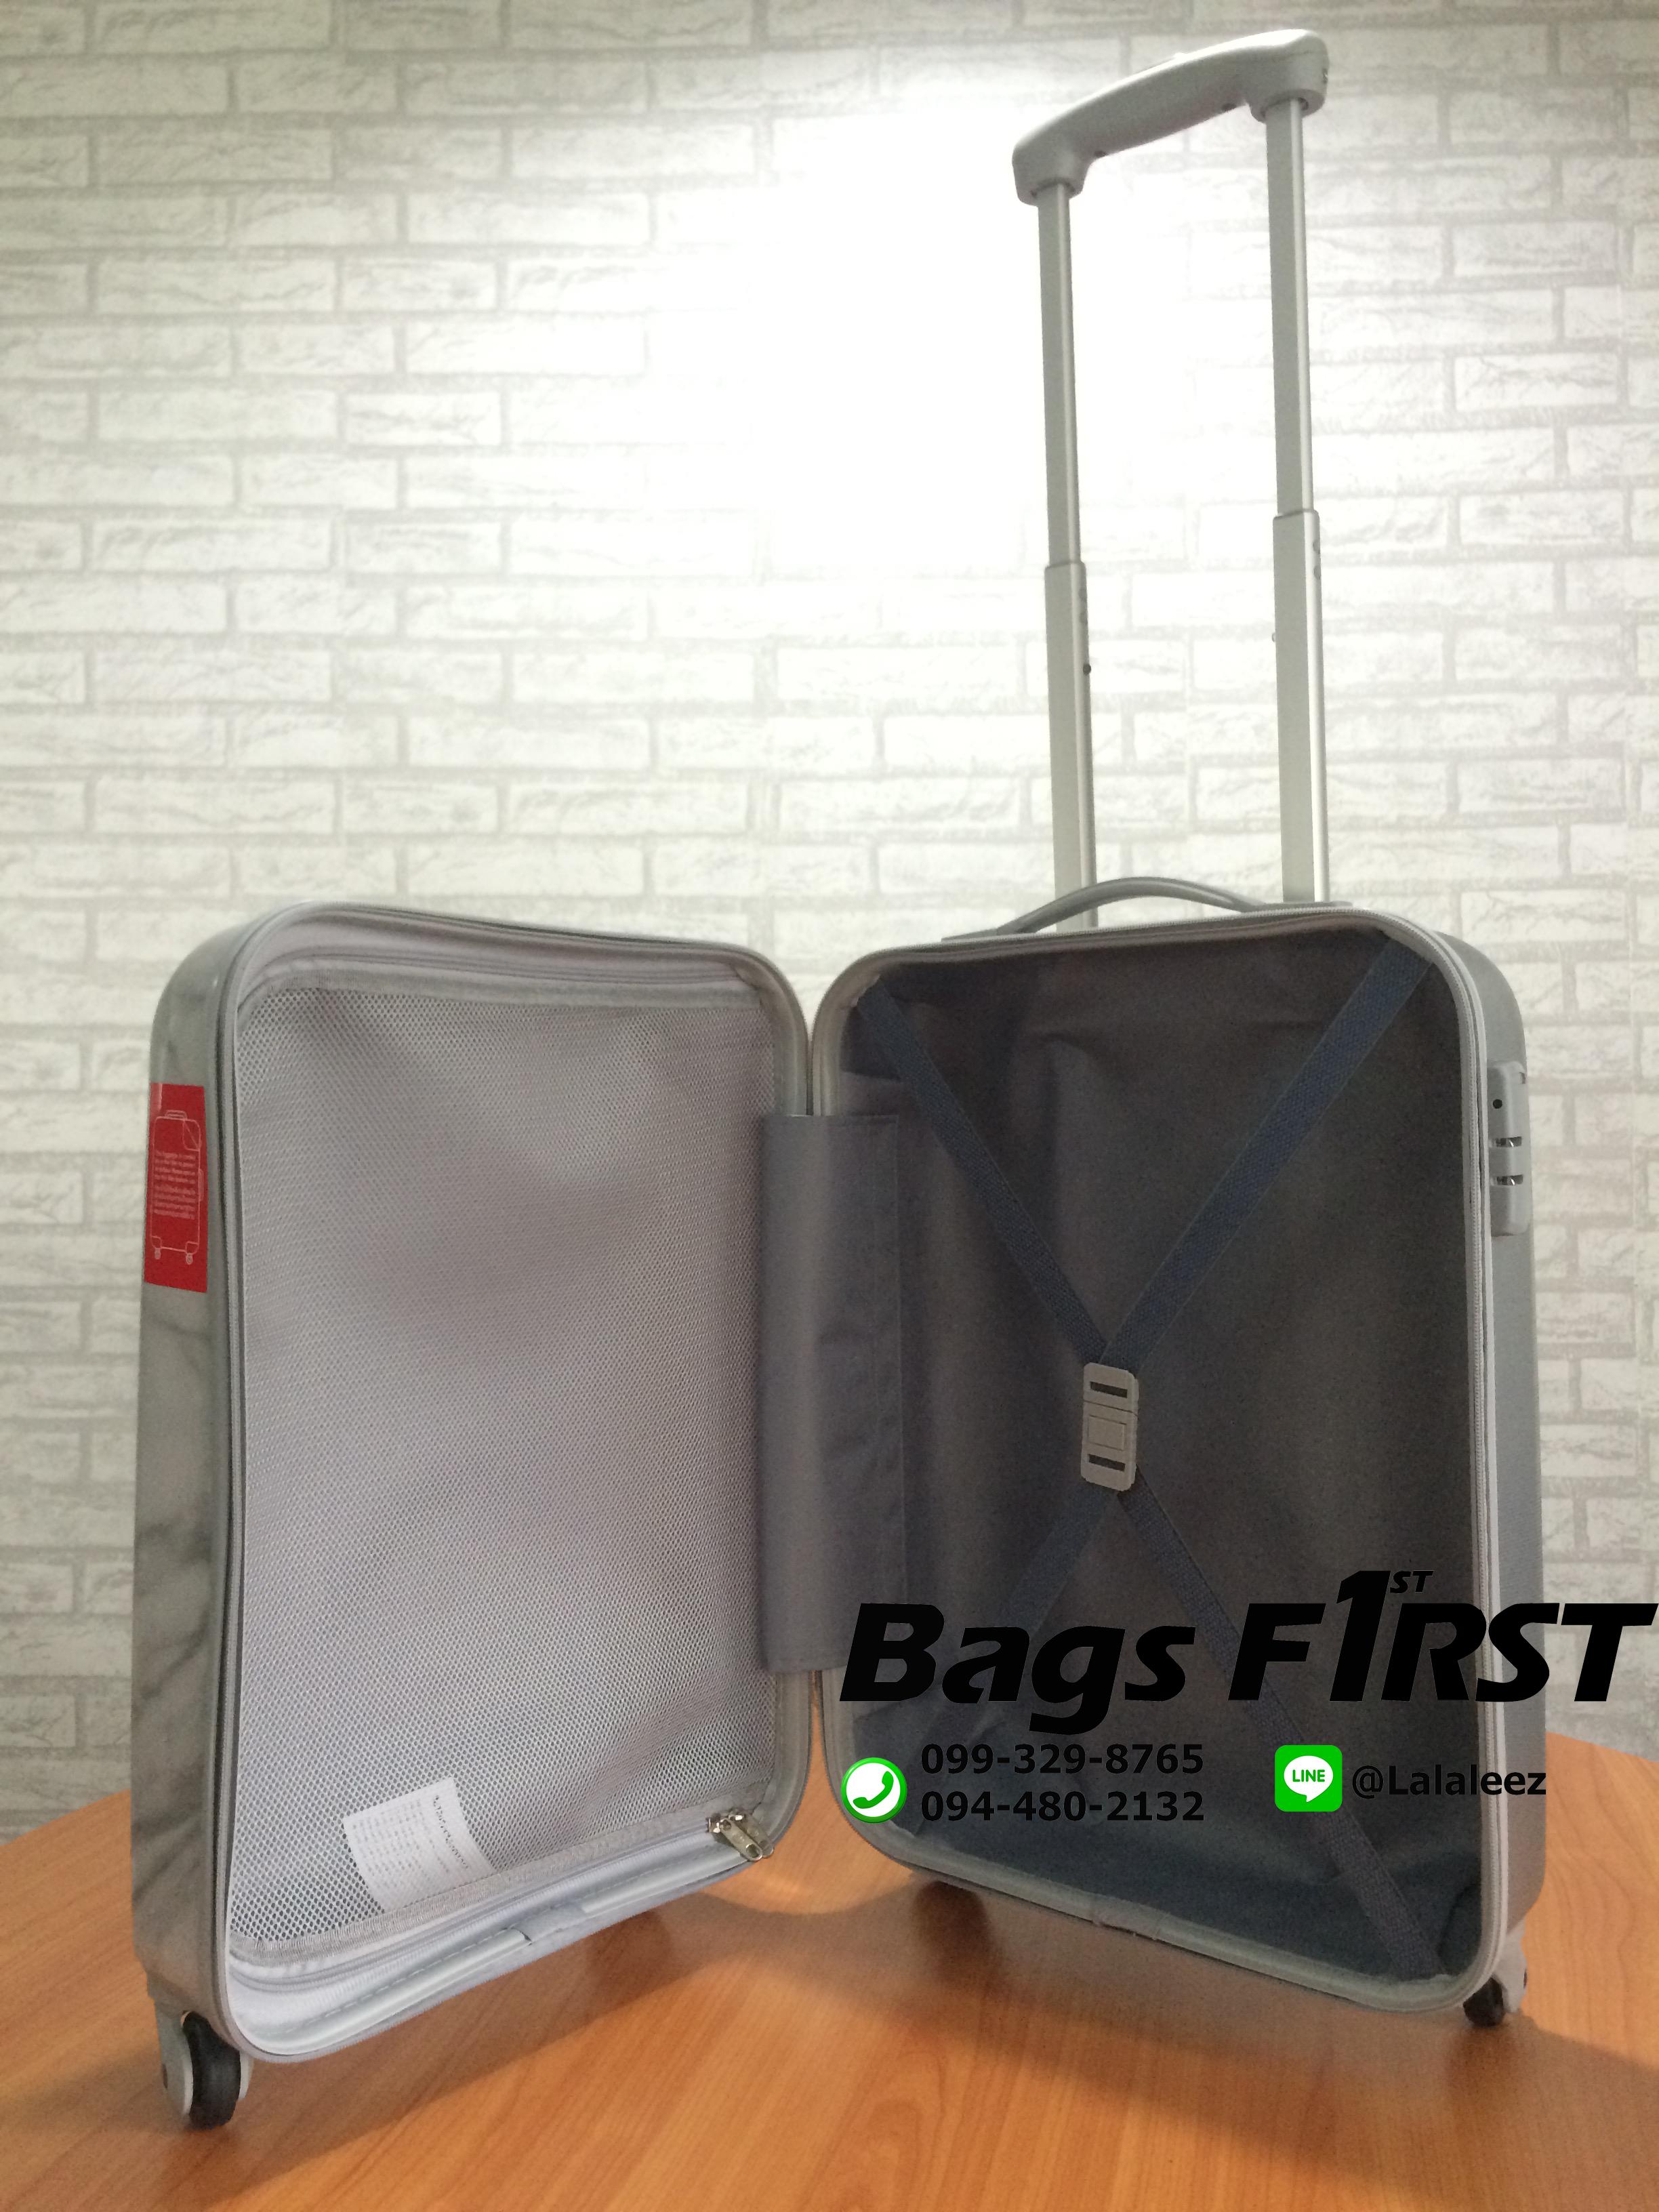 กระเป๋าเดินทางมีคุณภาพ กระเป๋าเดินทางสวยหรูทนทาน กระเป๋าเดินทาง20นิ้ว กระเป๋าเดินทางลายน่ารัก กระเป๋าเดินทางใบเล็ก